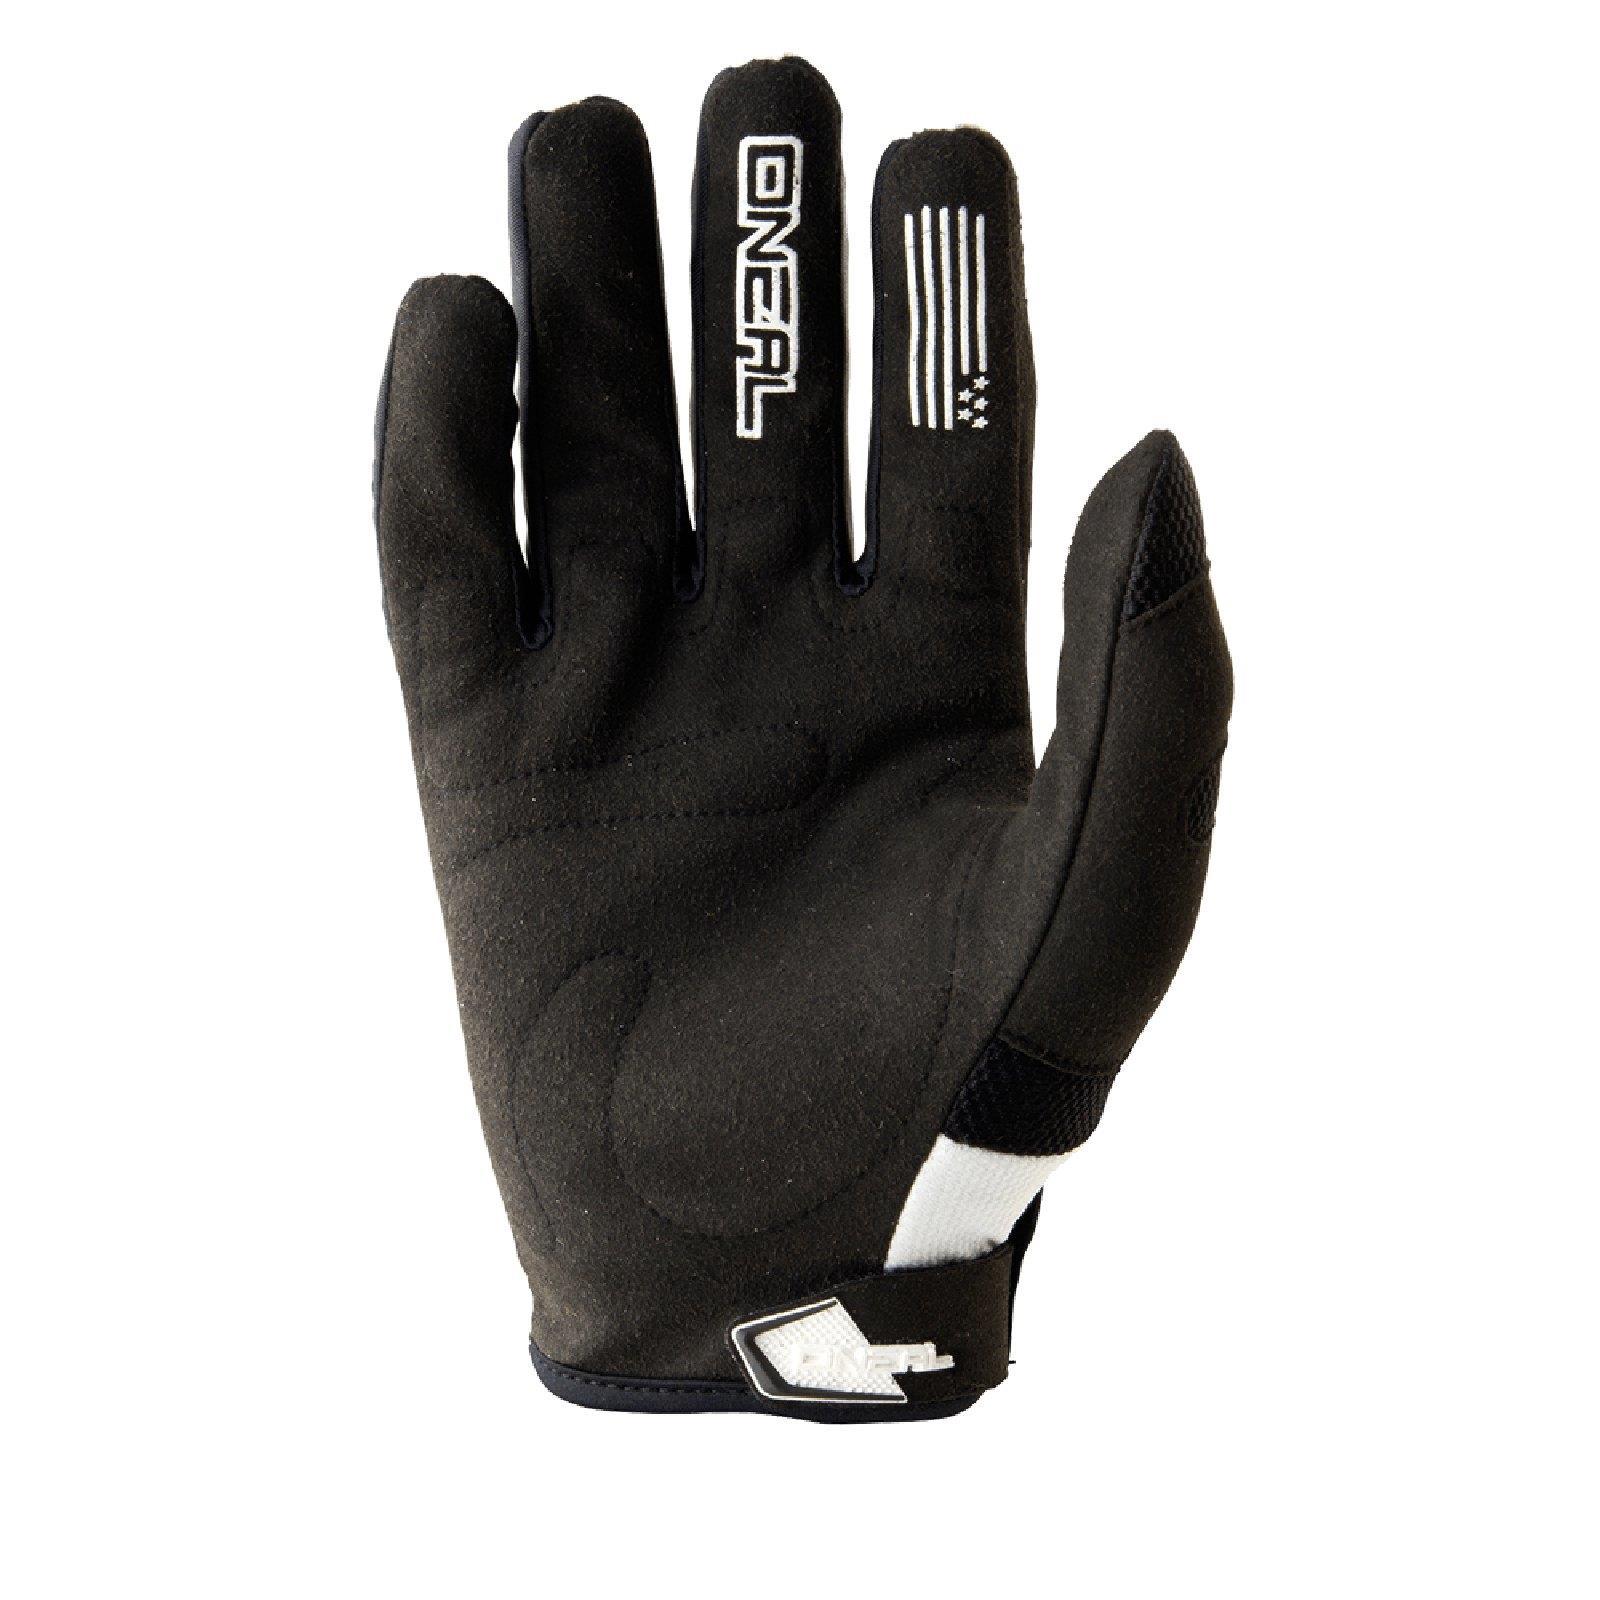 Oneal-elemento-MX-guantes-motocross-SX-enduro-Cross-moto-todo-terreno-todoterreno miniatura 5